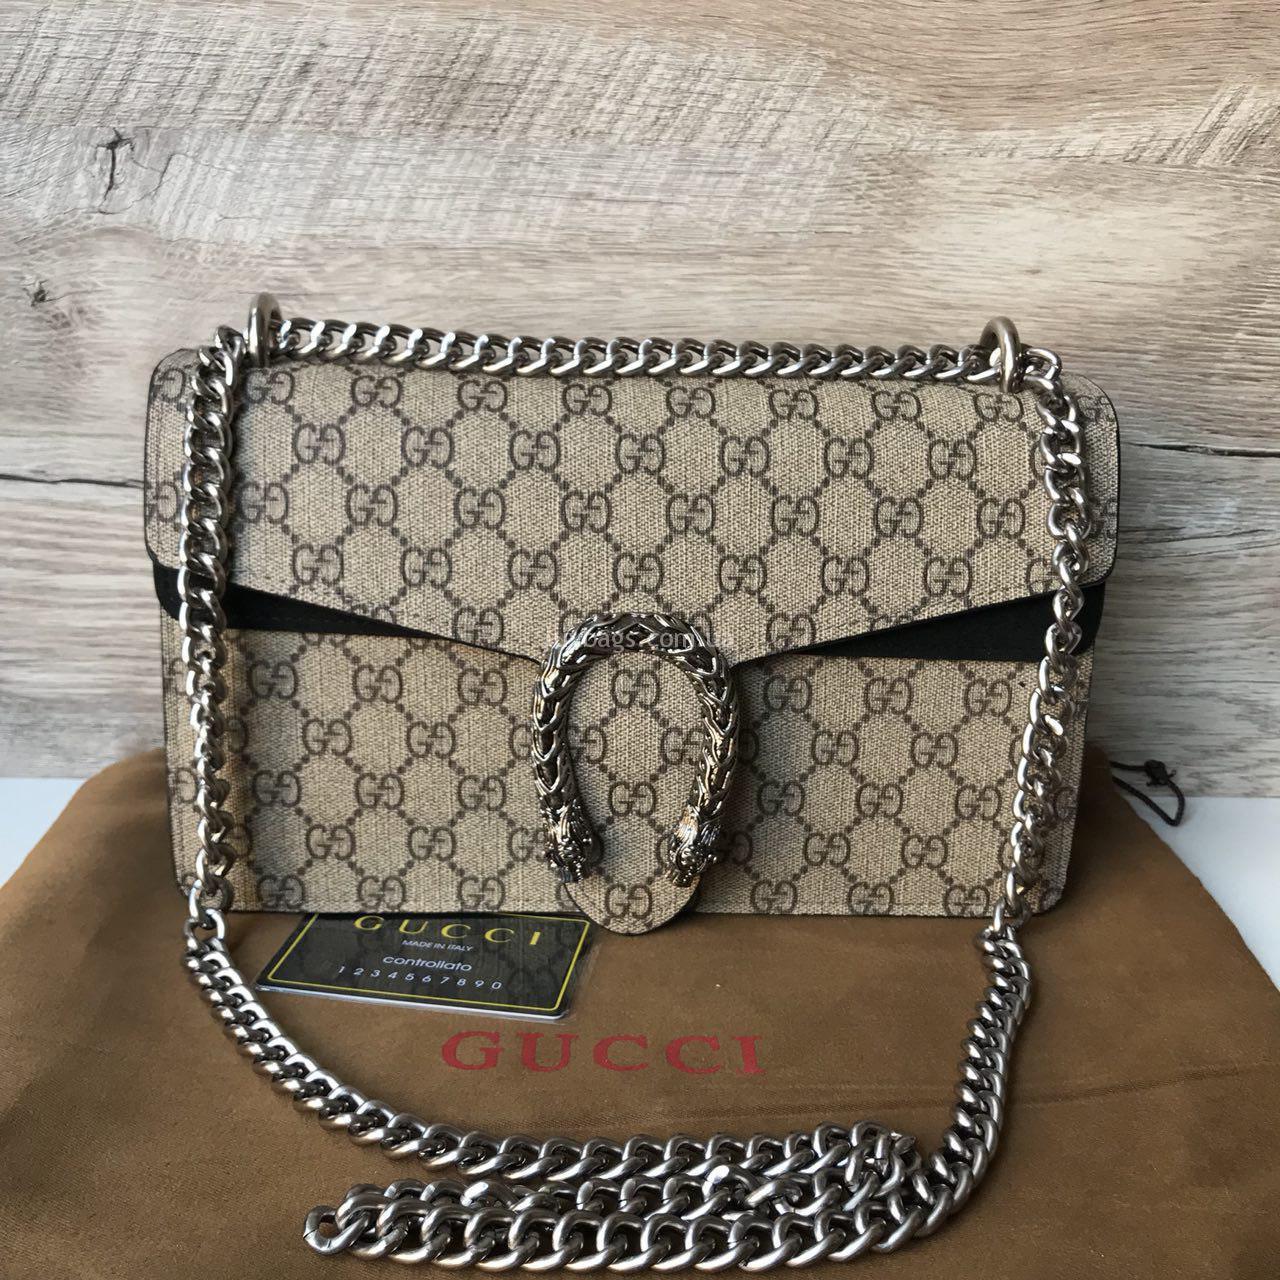 dd24dcdad5c4 Женская сумка Gucci Dionysus Купить на lux-bags